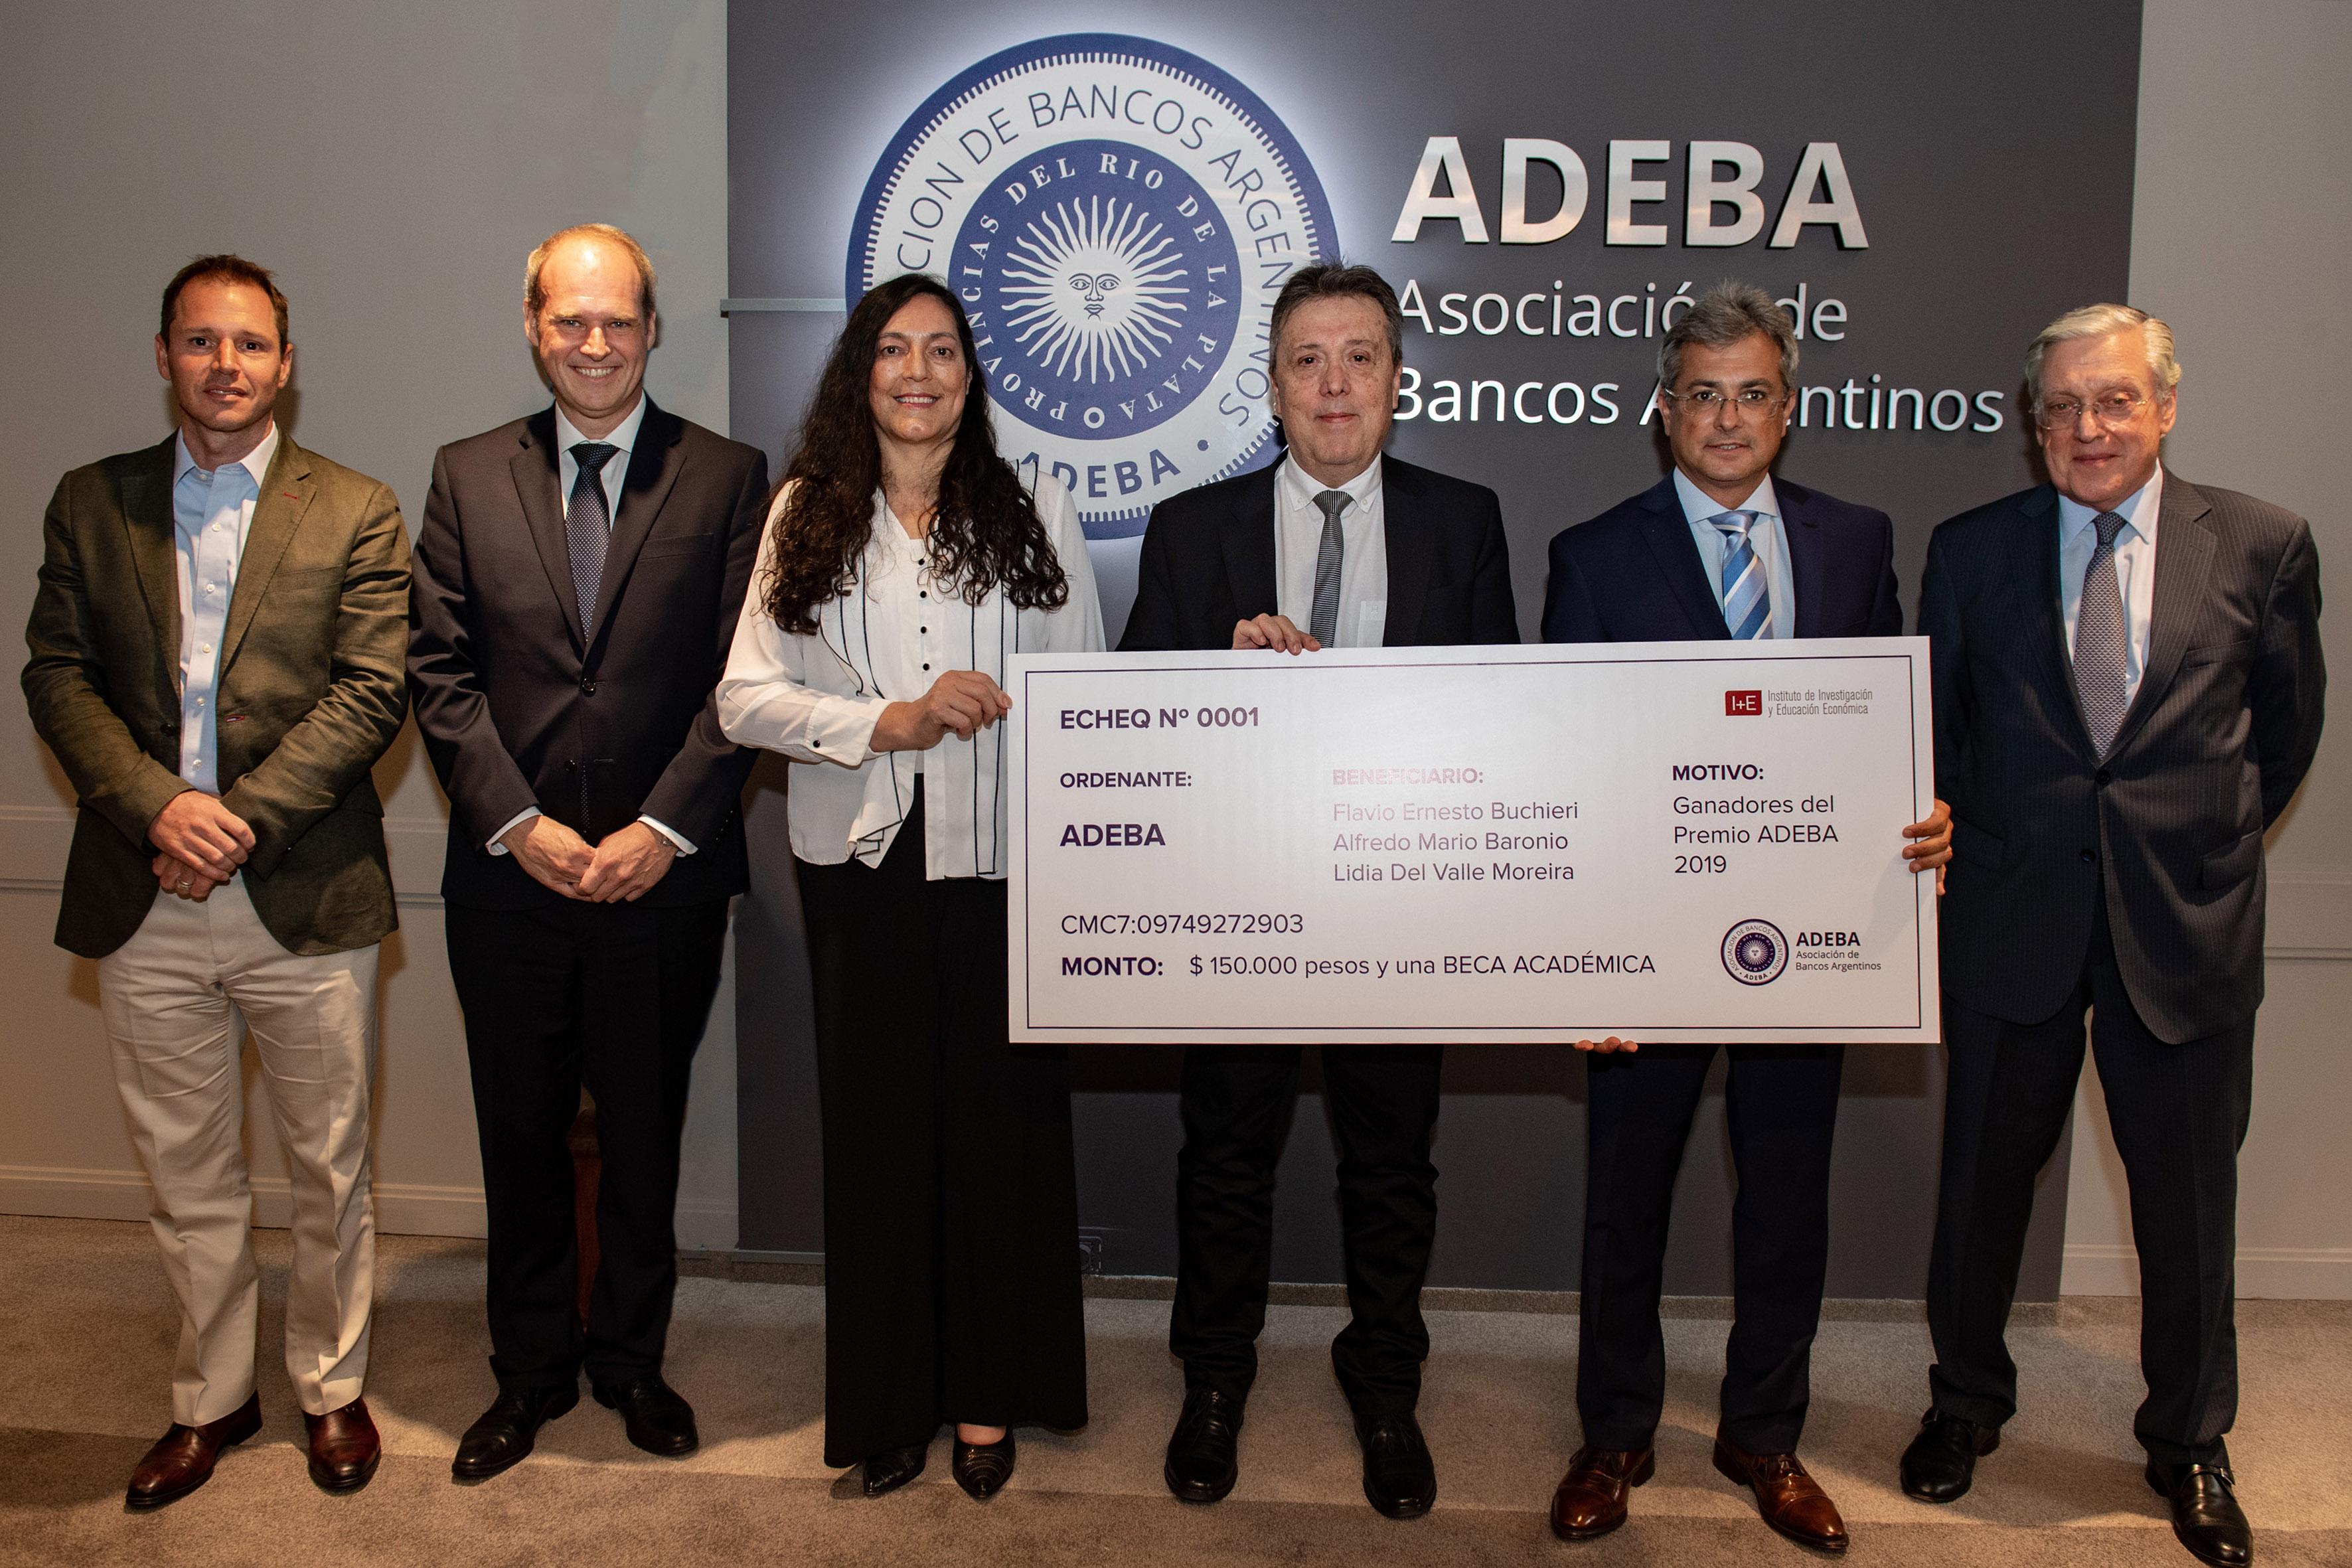 Los ganadores del Premio ADEBA 2019 con Javier Bolzico, Jorge Brito (h) y Sergio Grinenco